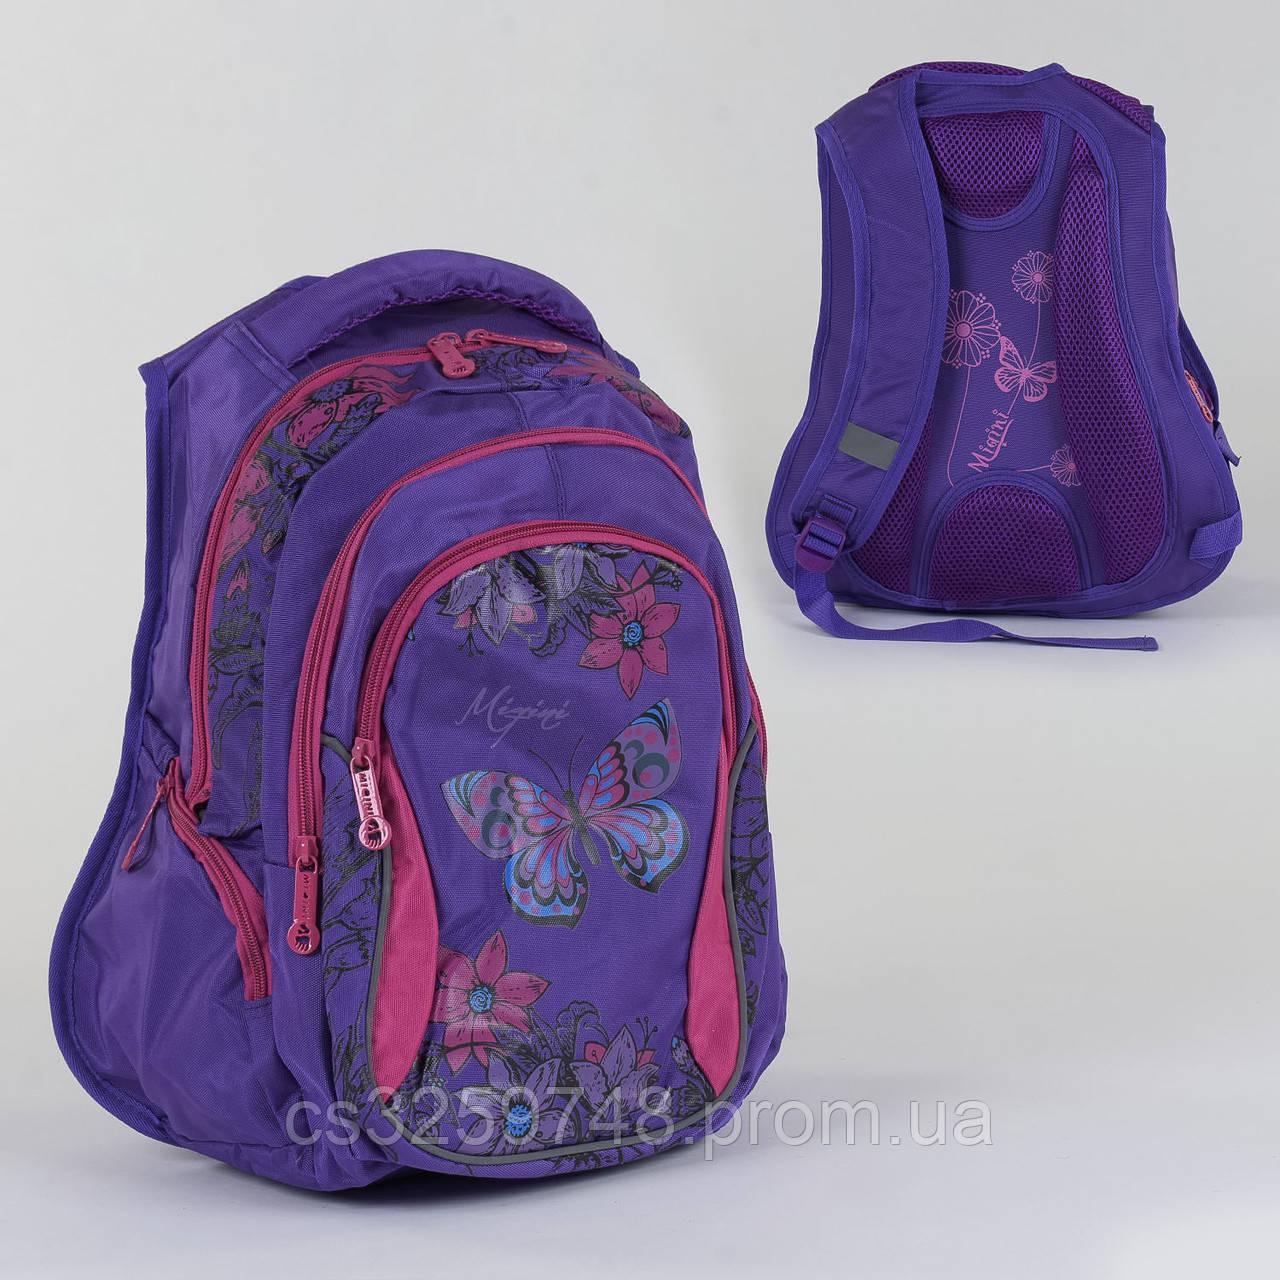 Рюкзак шкільний в метеликах з ортопедичною спинкою З 36286 з 2 відділеннями і 3 кишенями